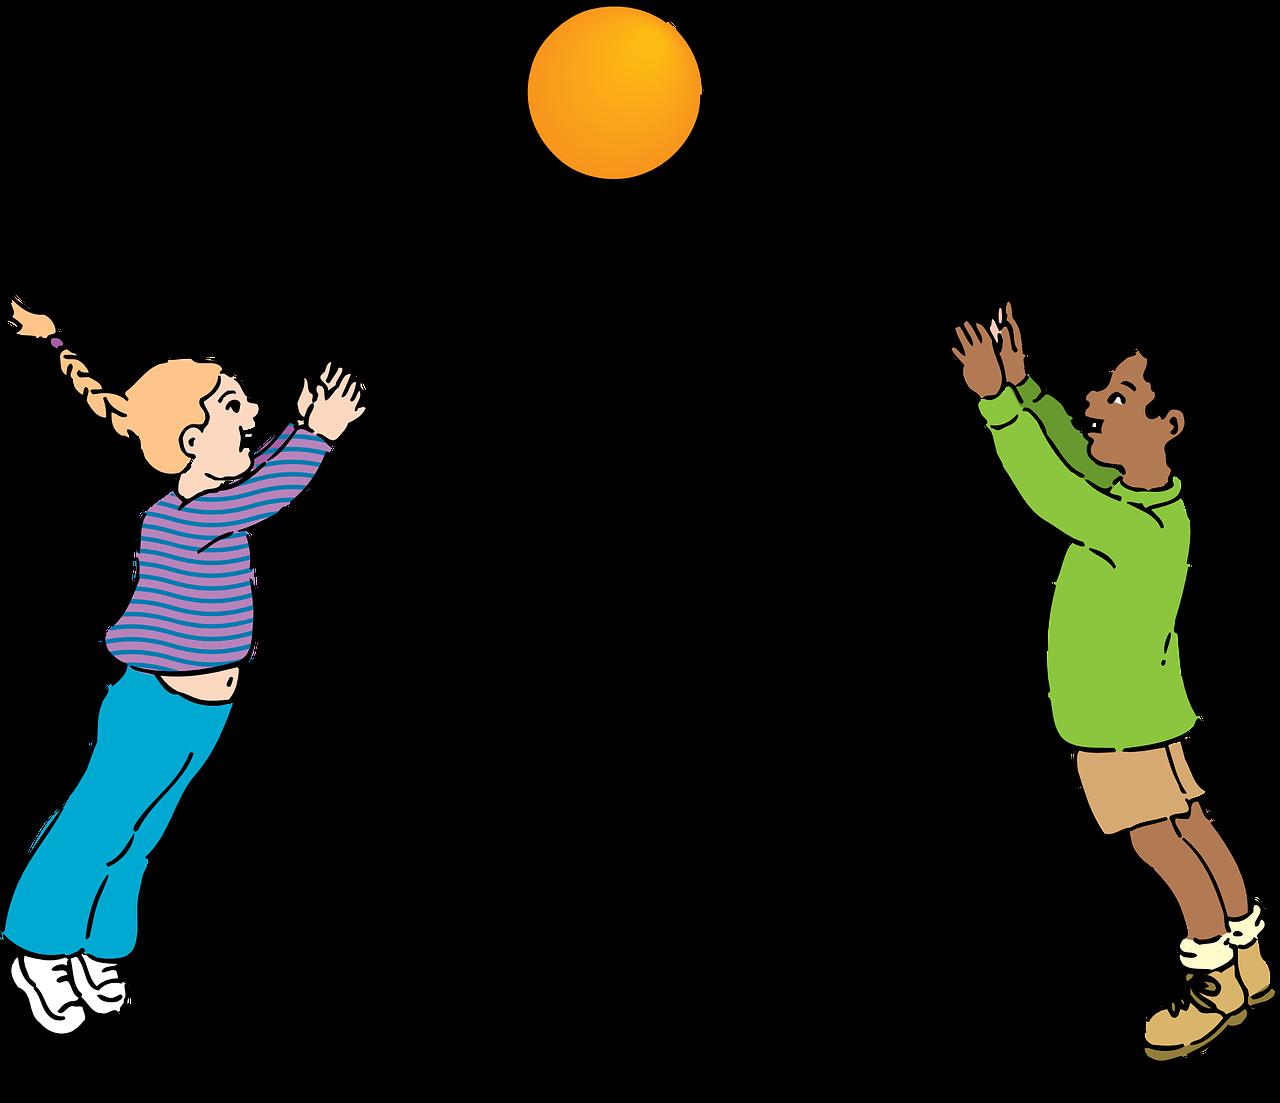 Chłopiec i dziewczynka odbijają piłkę